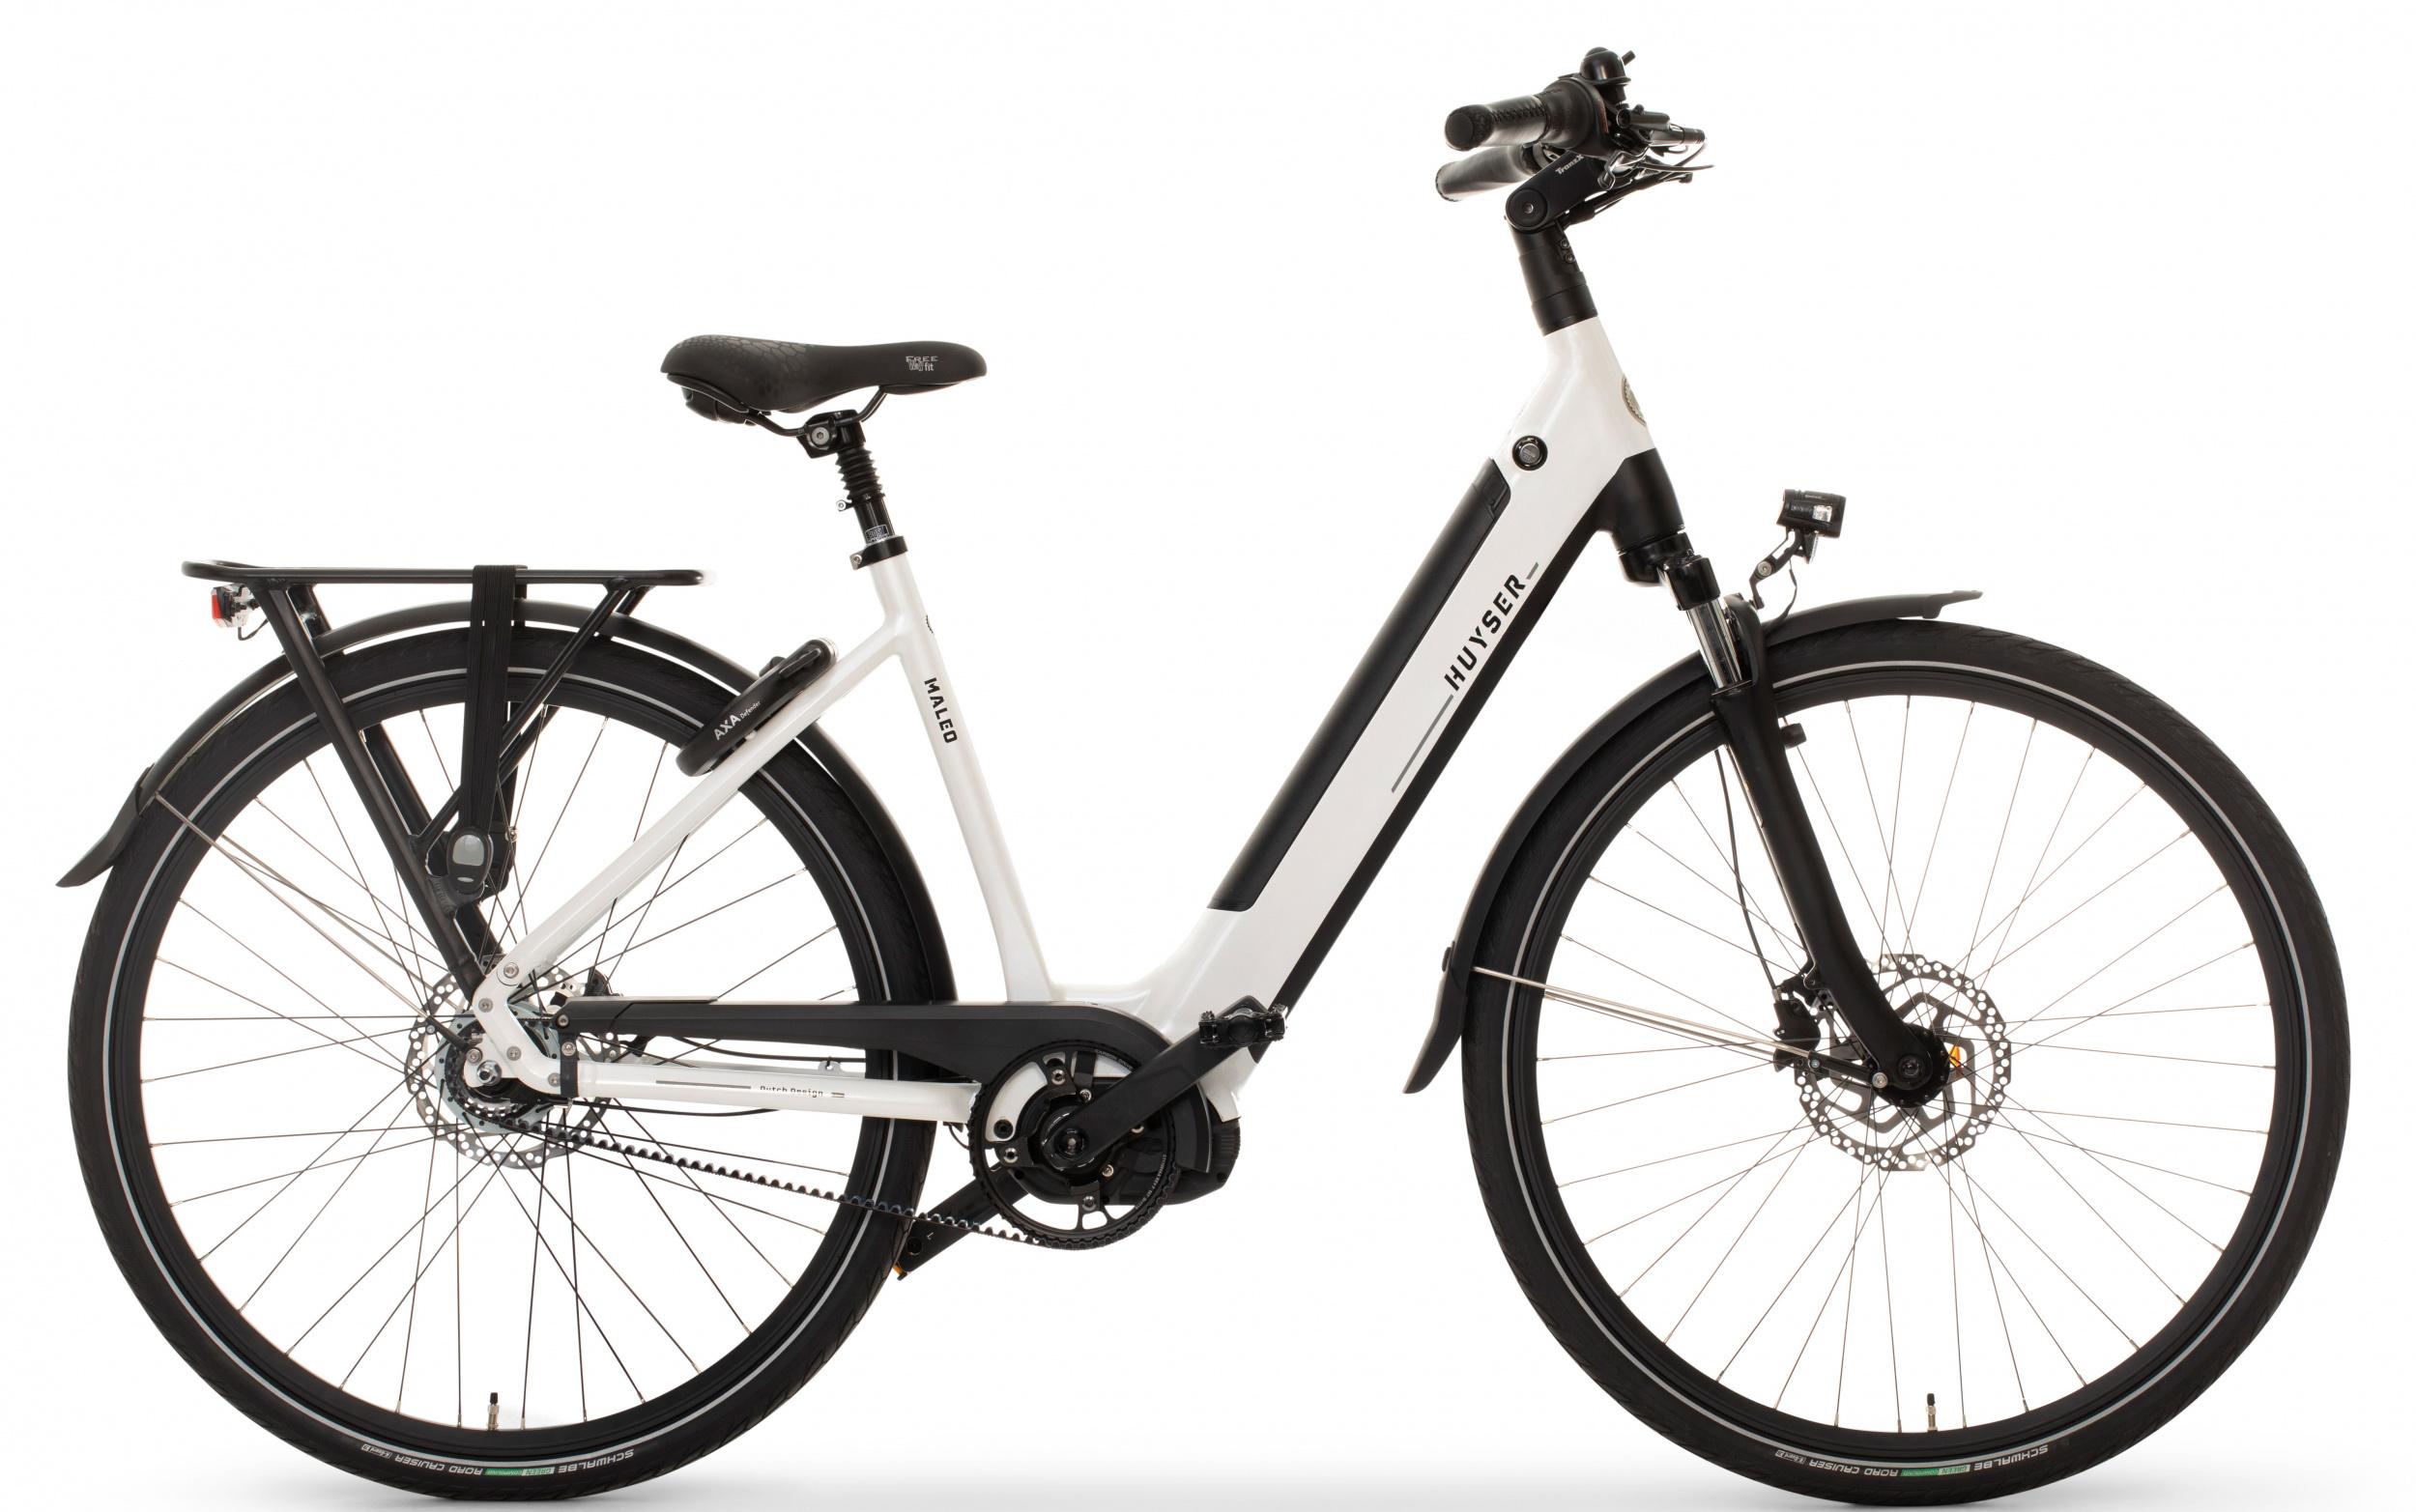 Huyser Maleo Belt elektrische fiets 8V met middenmotor